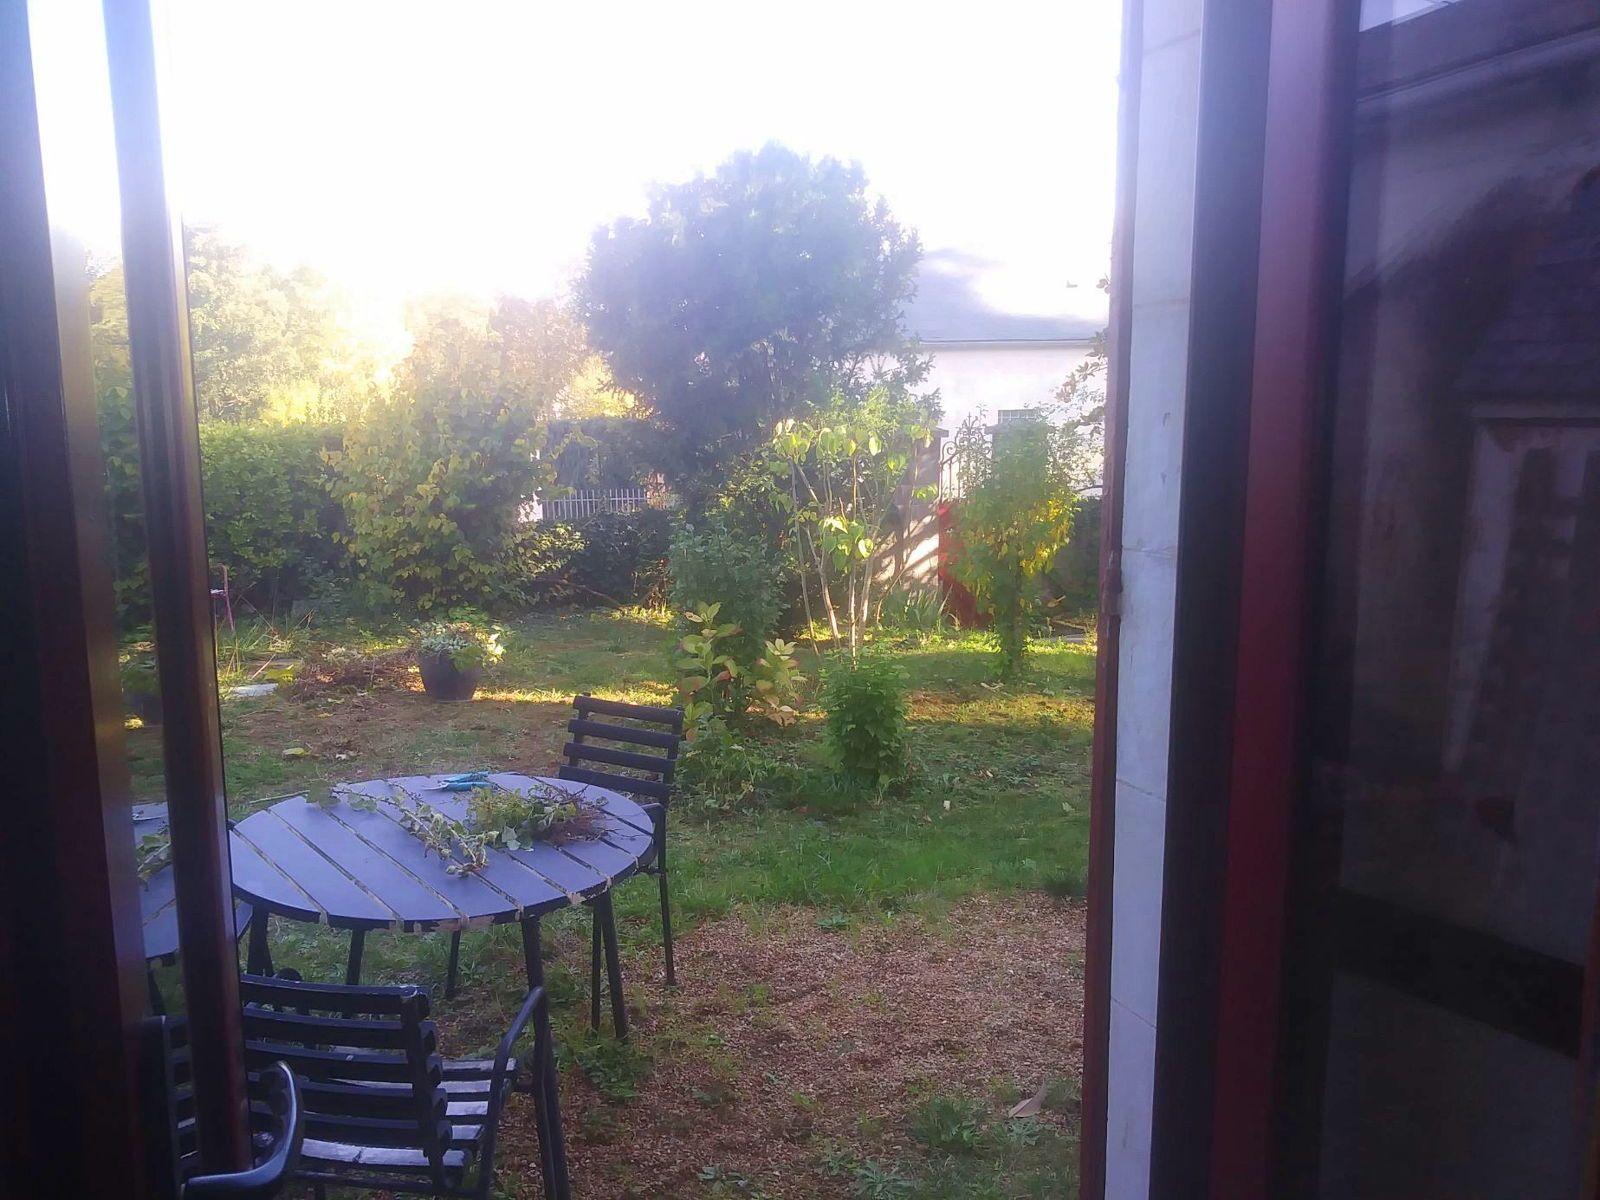 Vends maison de bourg, 6chambres, 5salles d'eau, 190m², Dissay sous Courcillon (72)